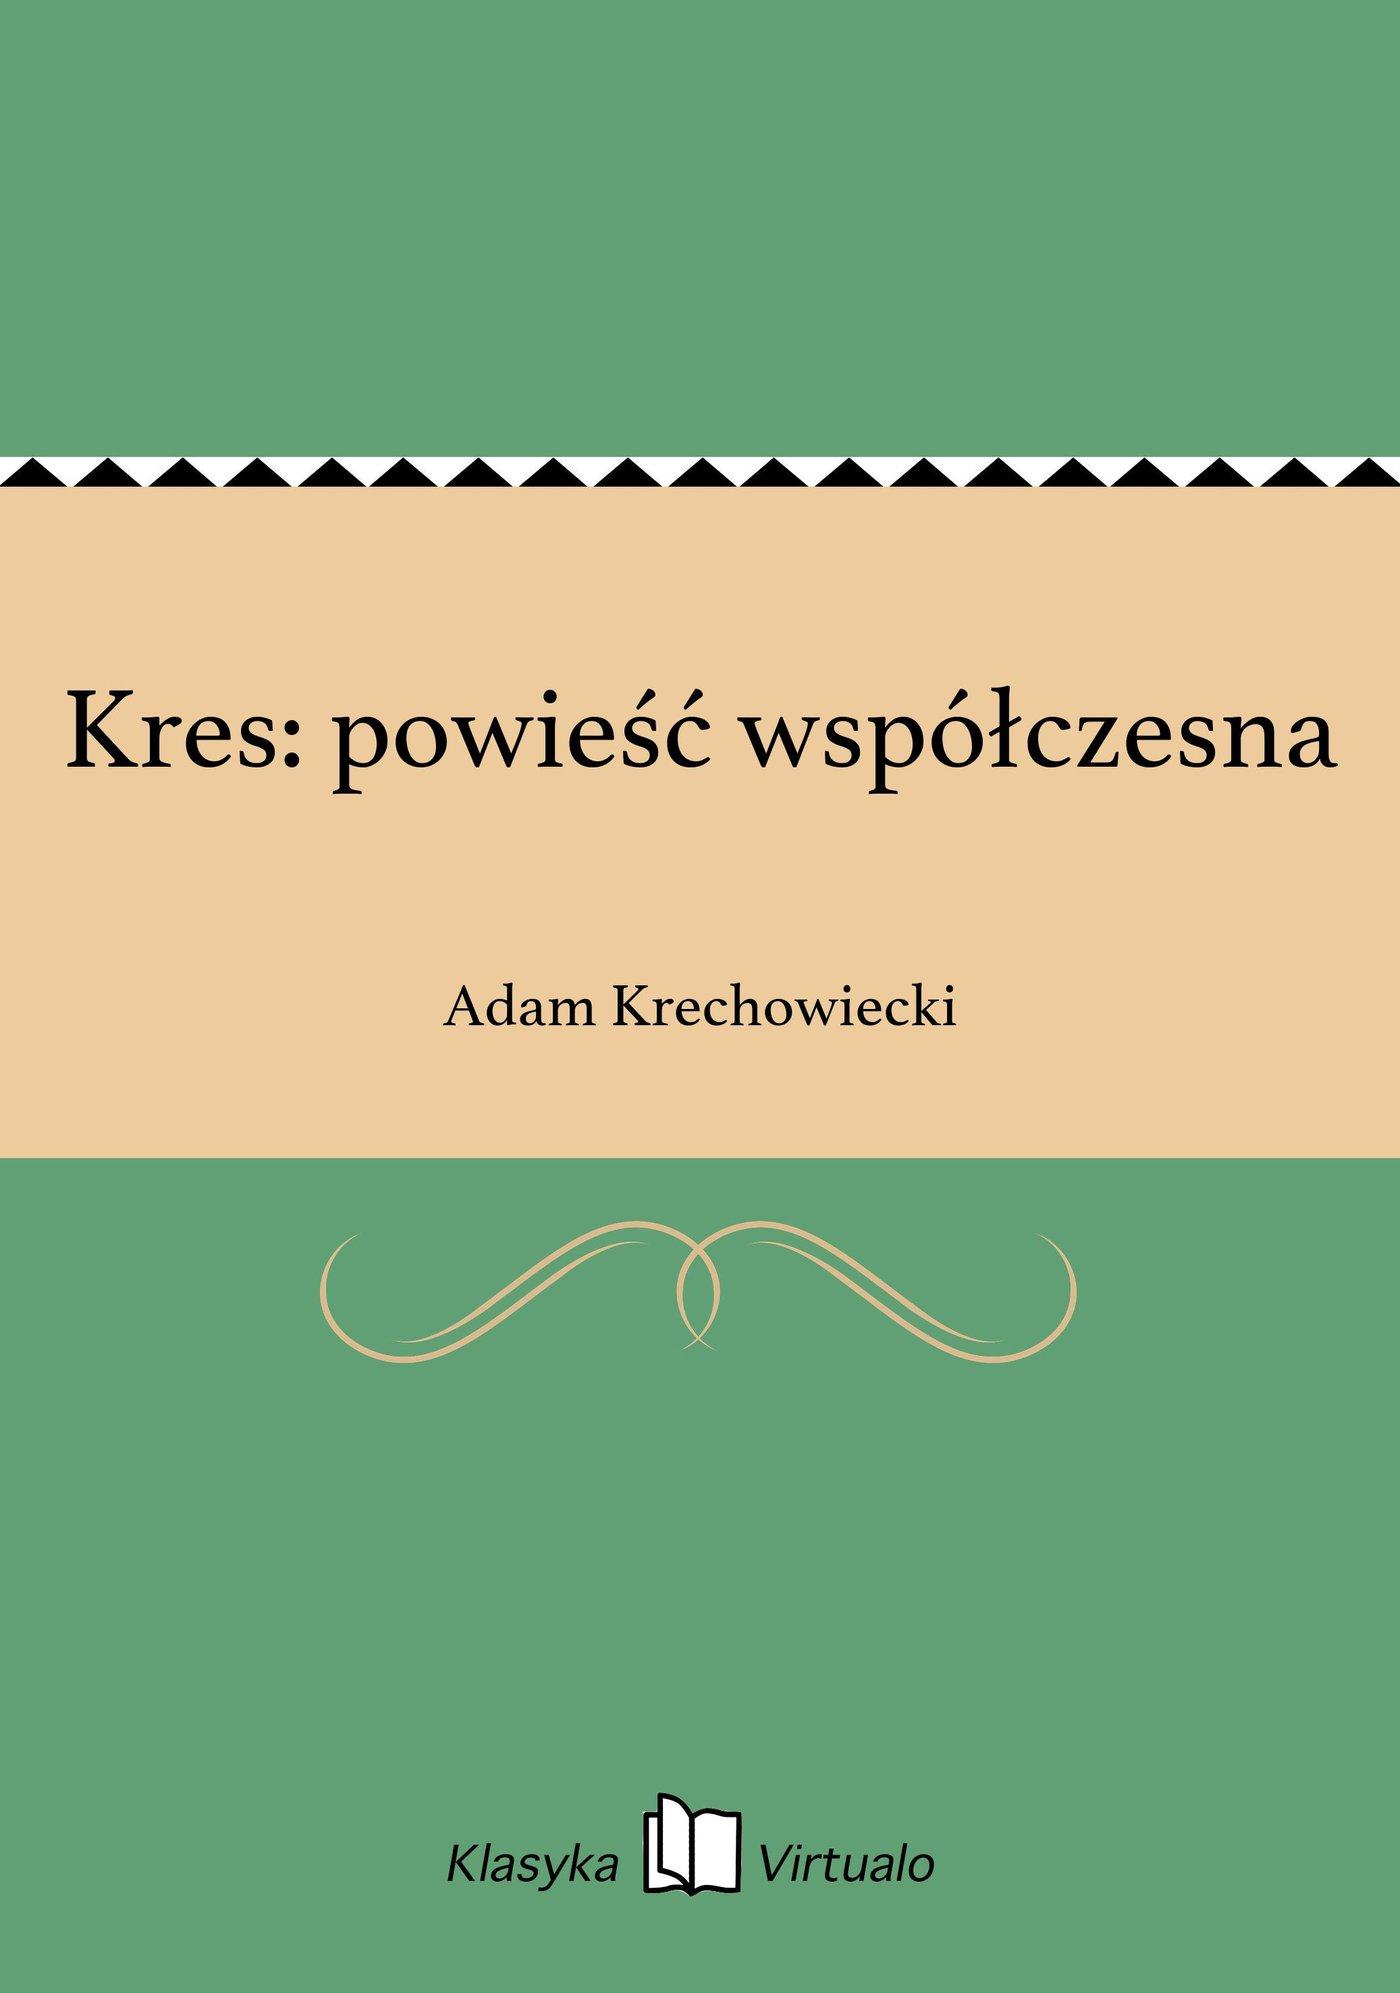 Kres: powieść współczesna - Ebook (Książka EPUB) do pobrania w formacie EPUB